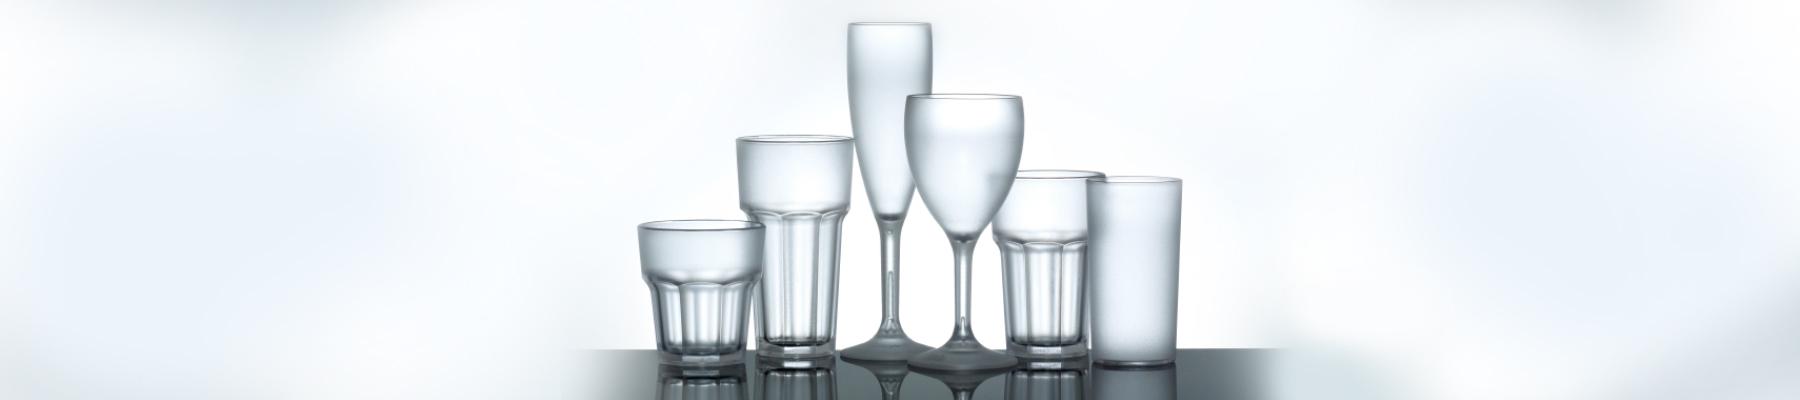 Plastic alternative to glassware in Hampshire